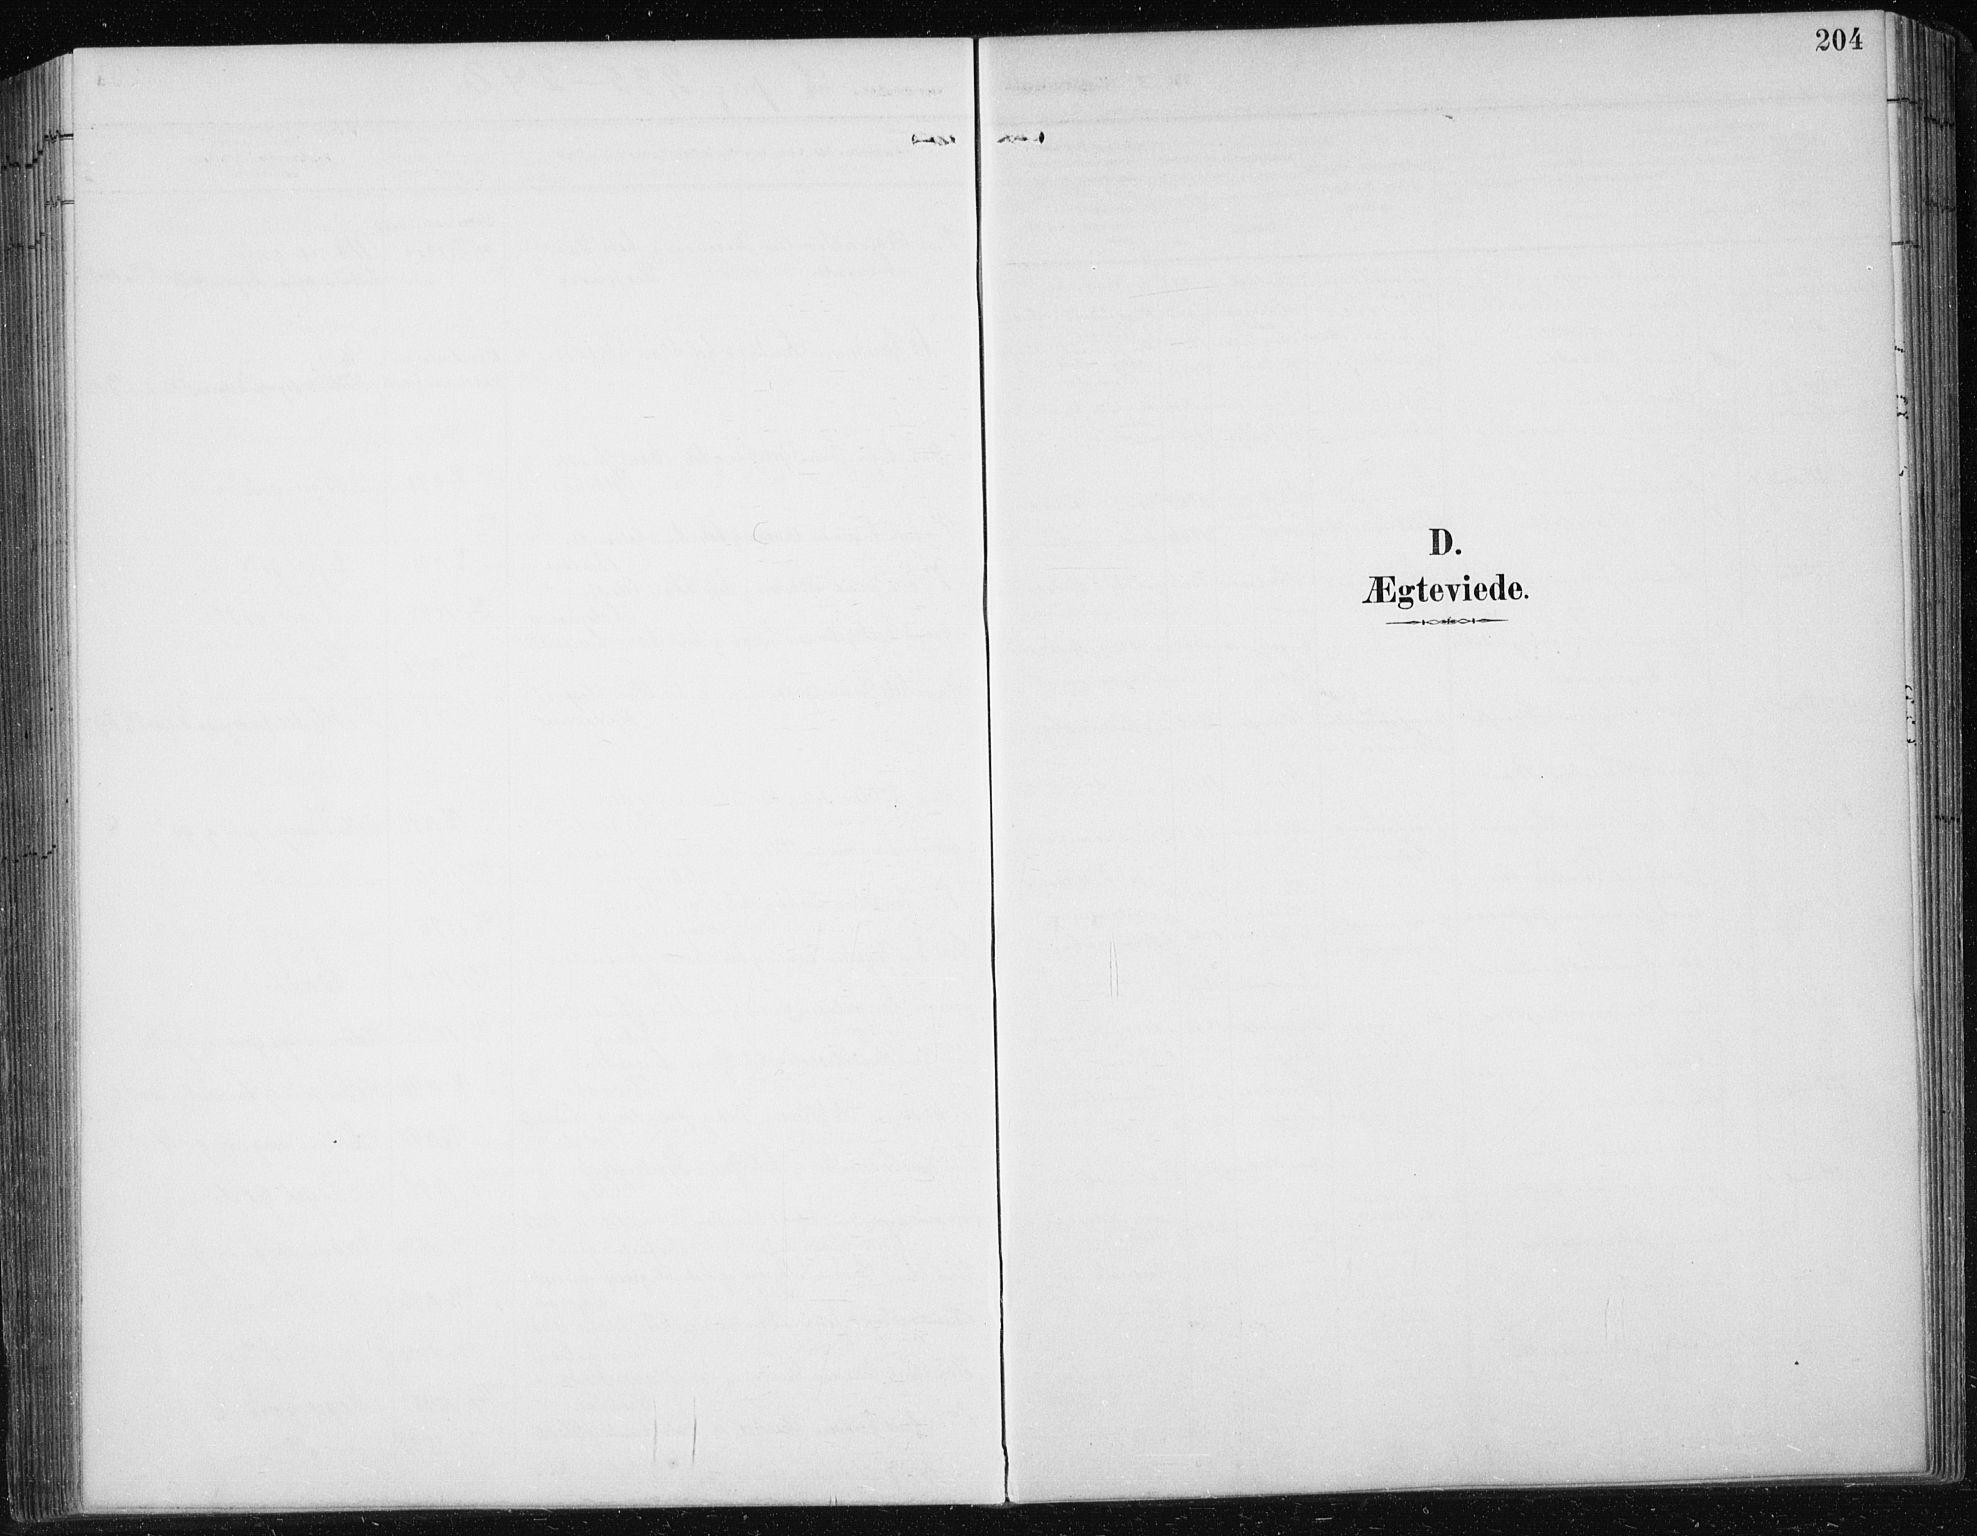 SAT, Ministerialprotokoller, klokkerbøker og fødselsregistre - Sør-Trøndelag, 674/L0876: Klokkerbok nr. 674C03, 1892-1912, s. 204